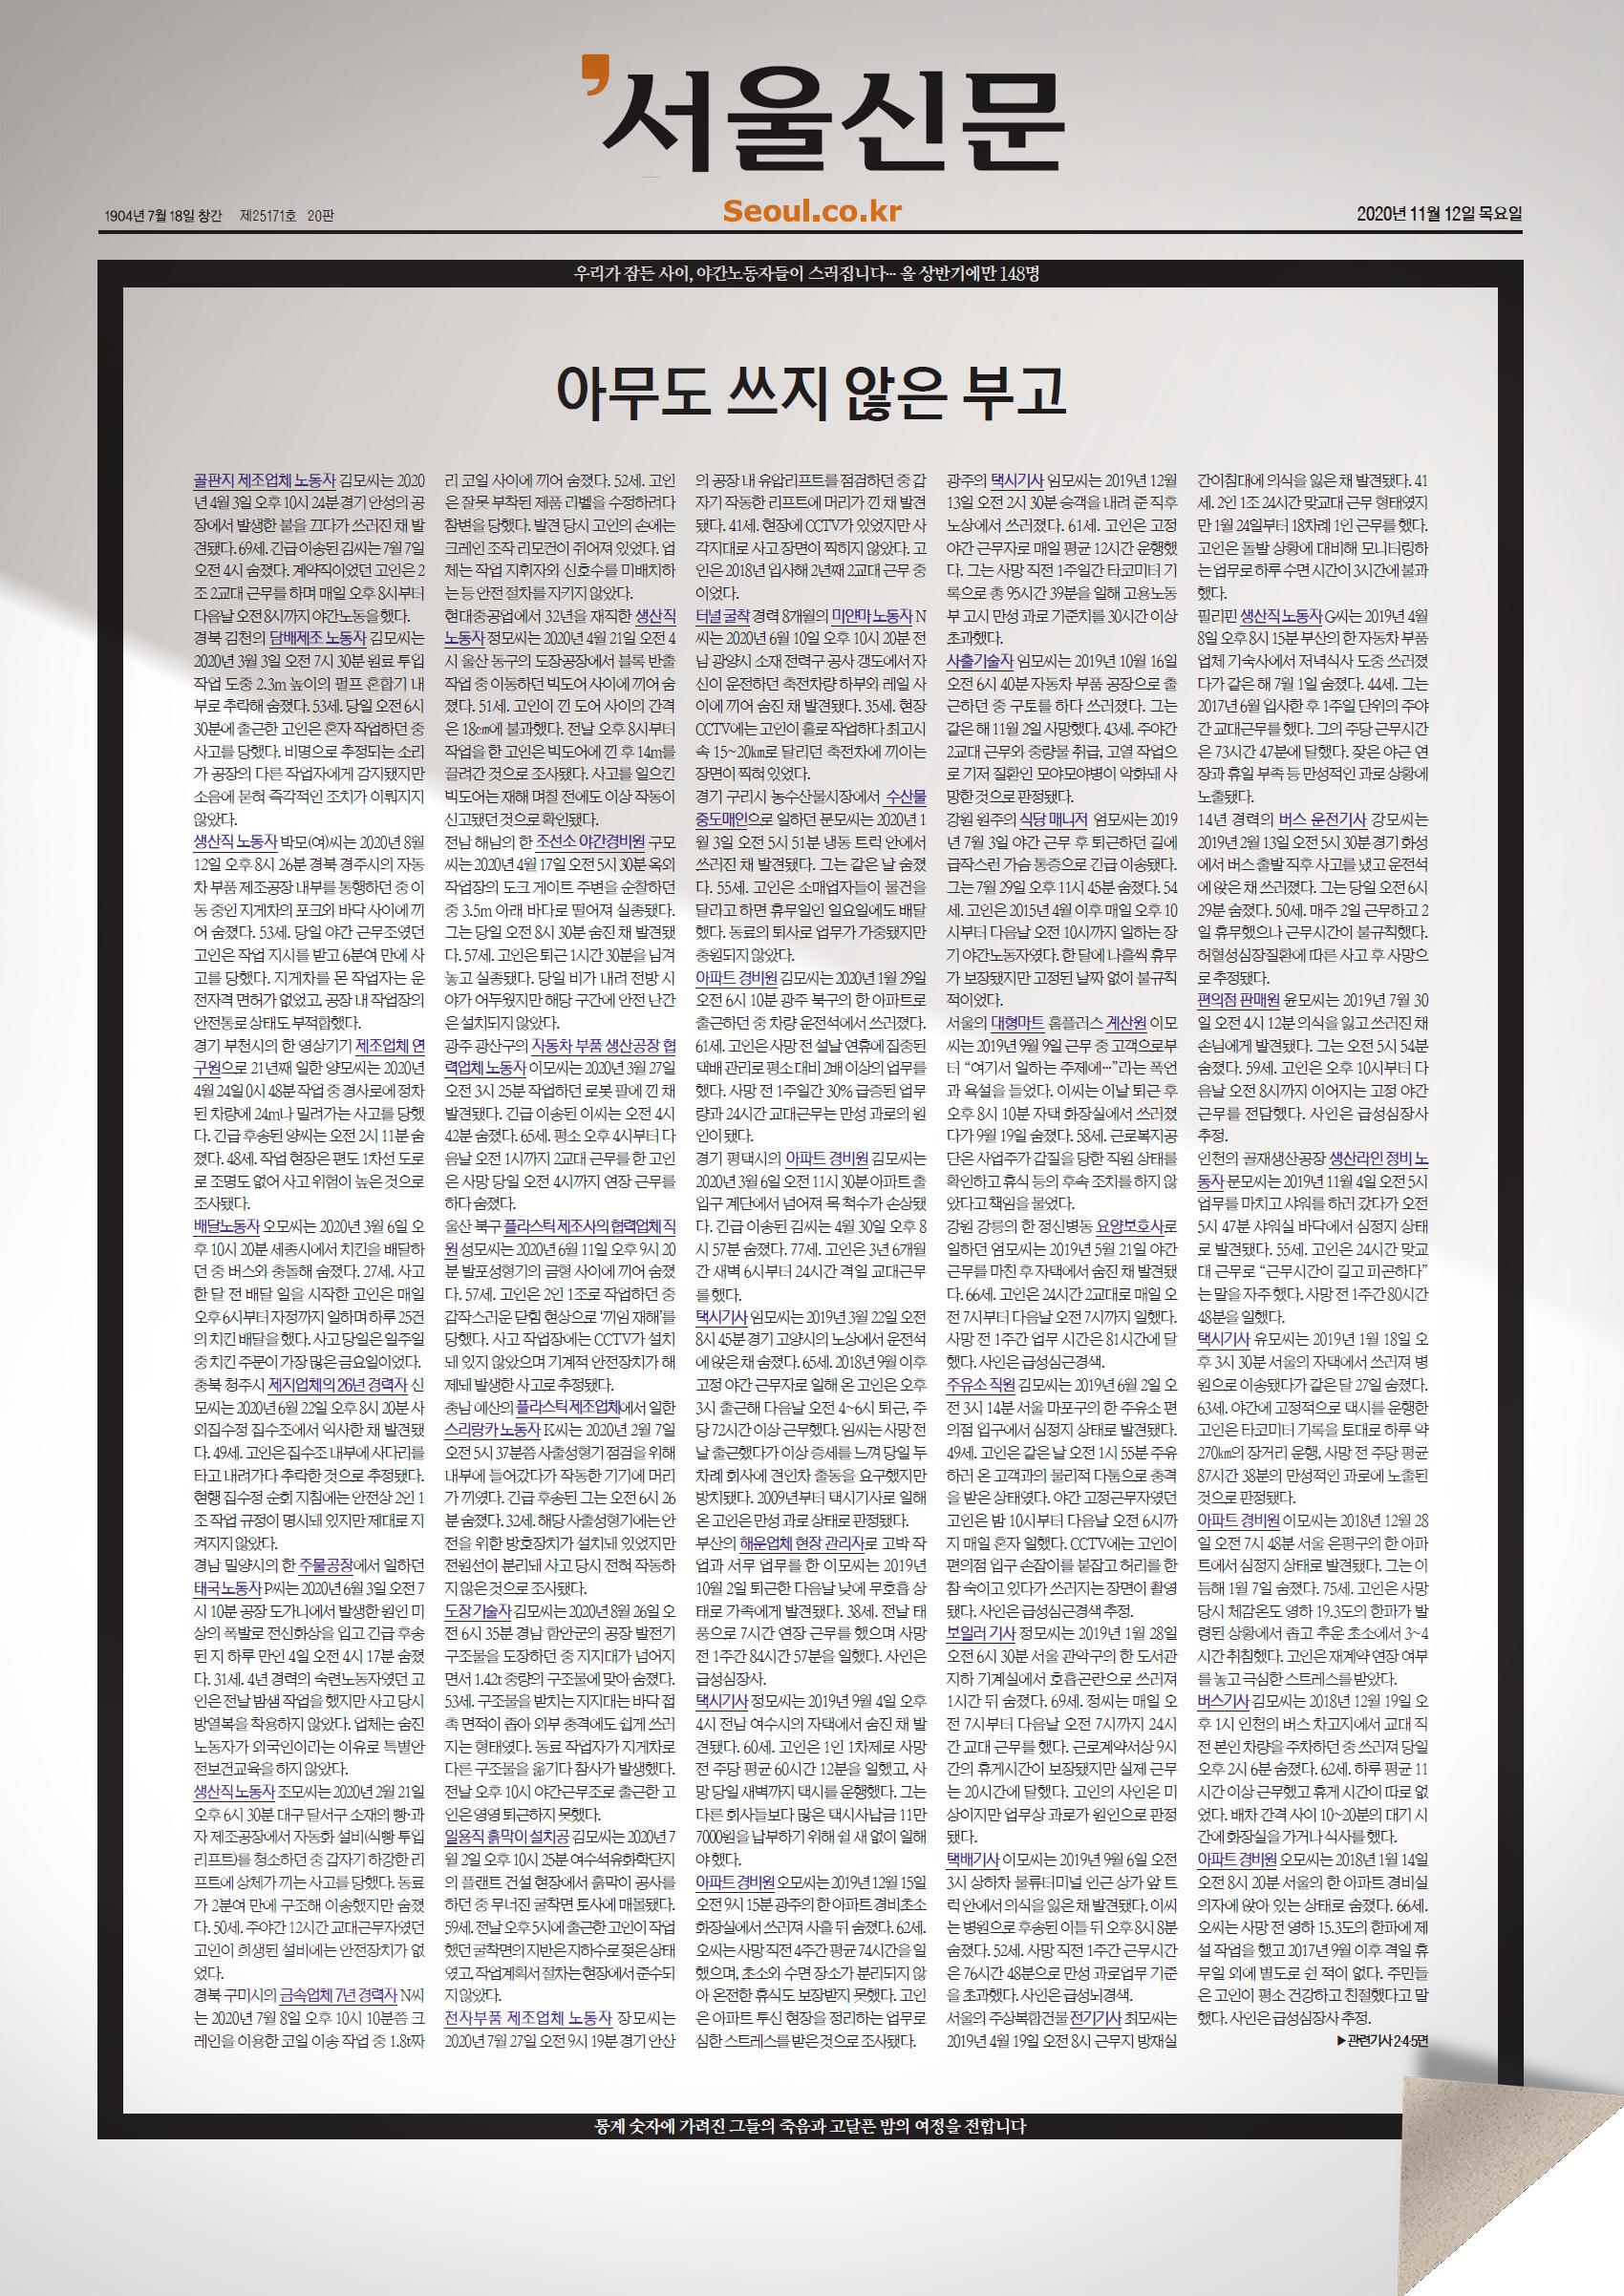 서울신문 2020년 11월 12일자 1면 지면